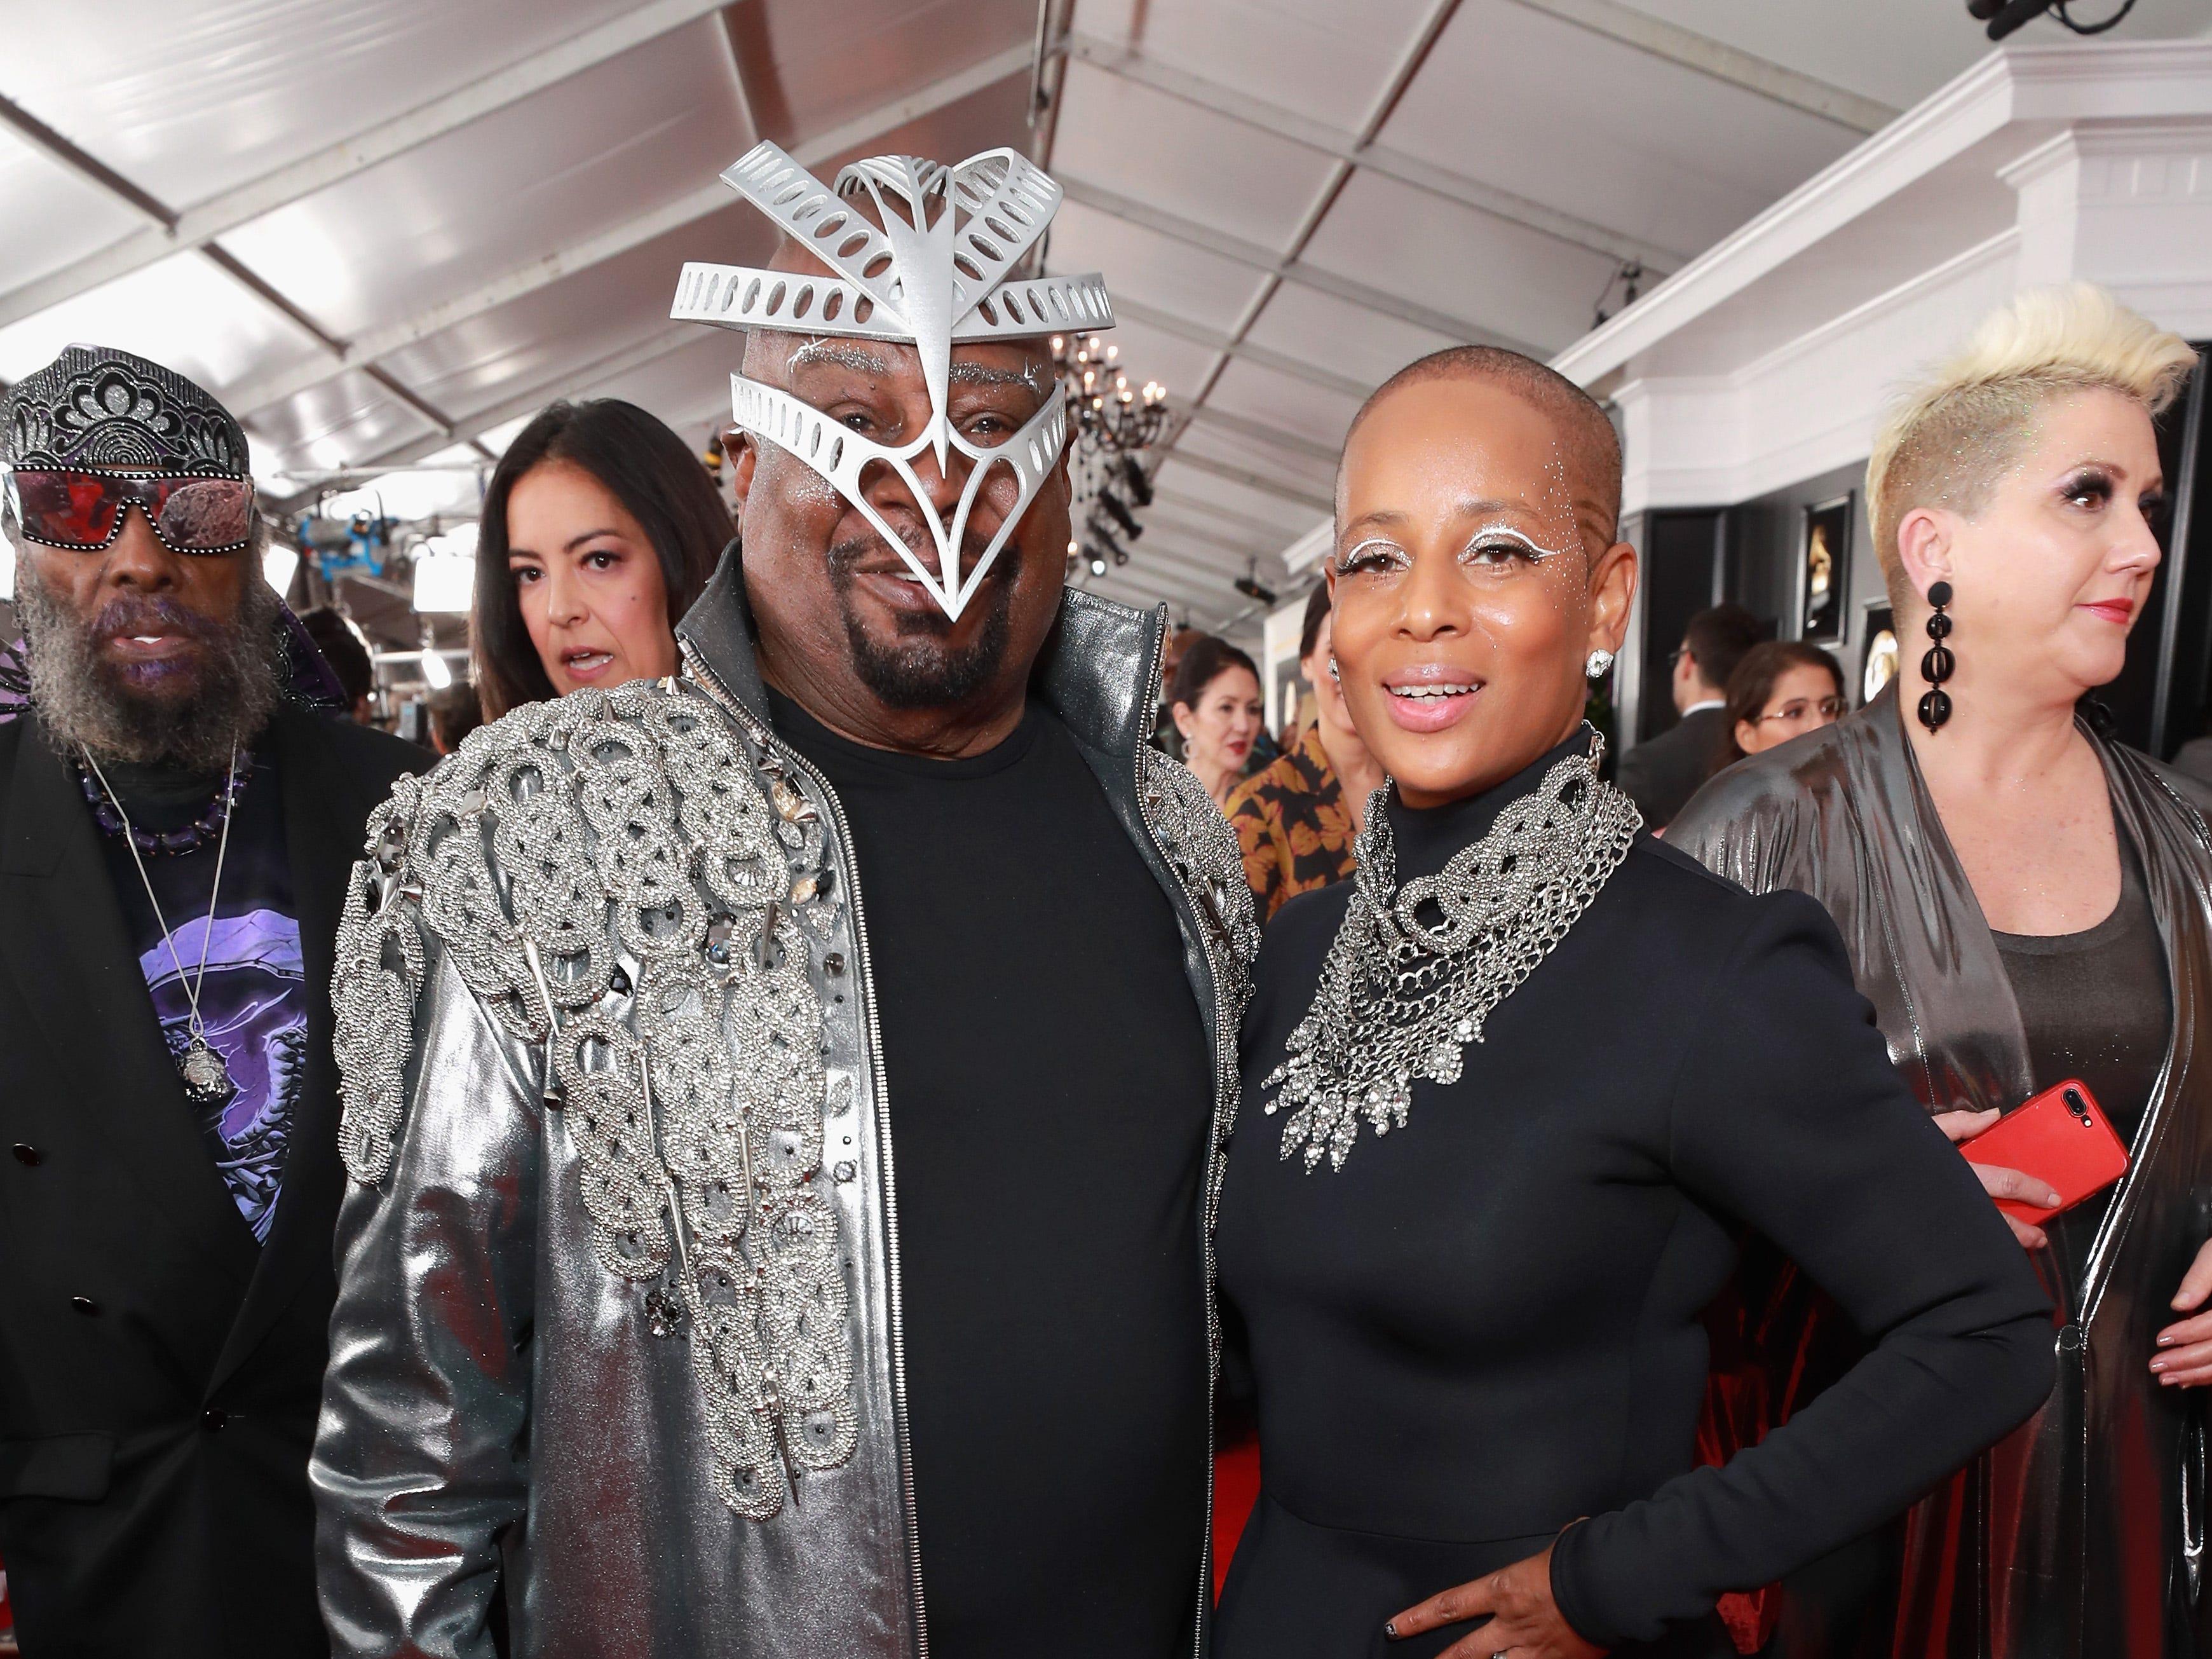 George Clinton (izq) y una invitada asisten a la 61ª edición de los premios GRAMMY en el Staples Center el 10 de febrero de 2019 en Los Ángeles, California.